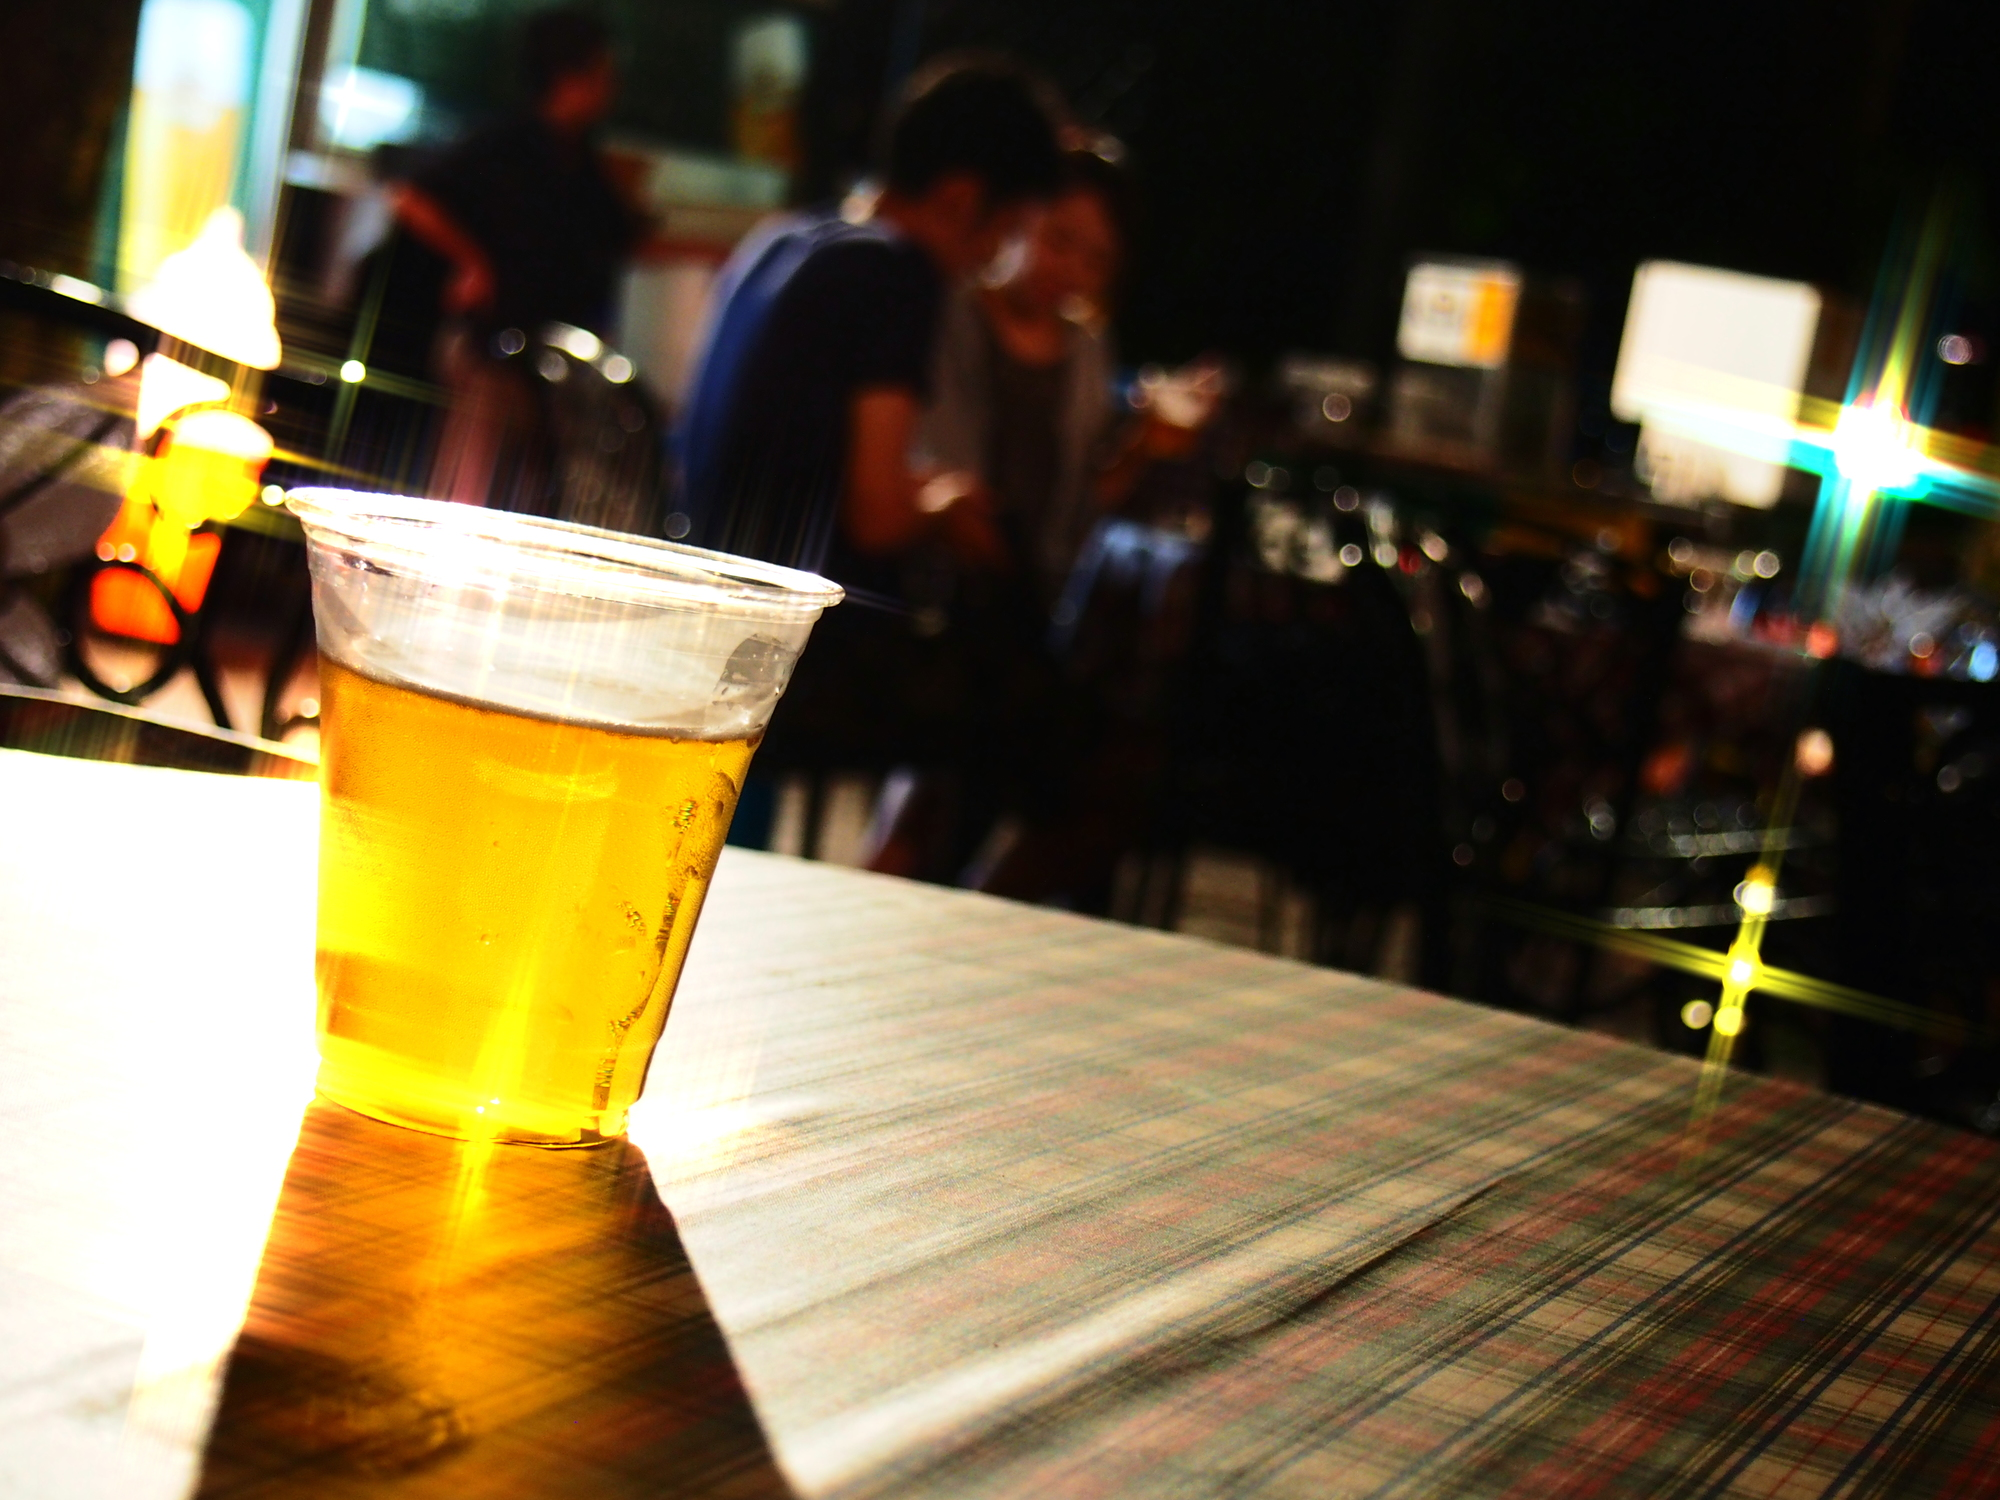 テーブル置かれた透明カップのビールとビアガーデンの風景